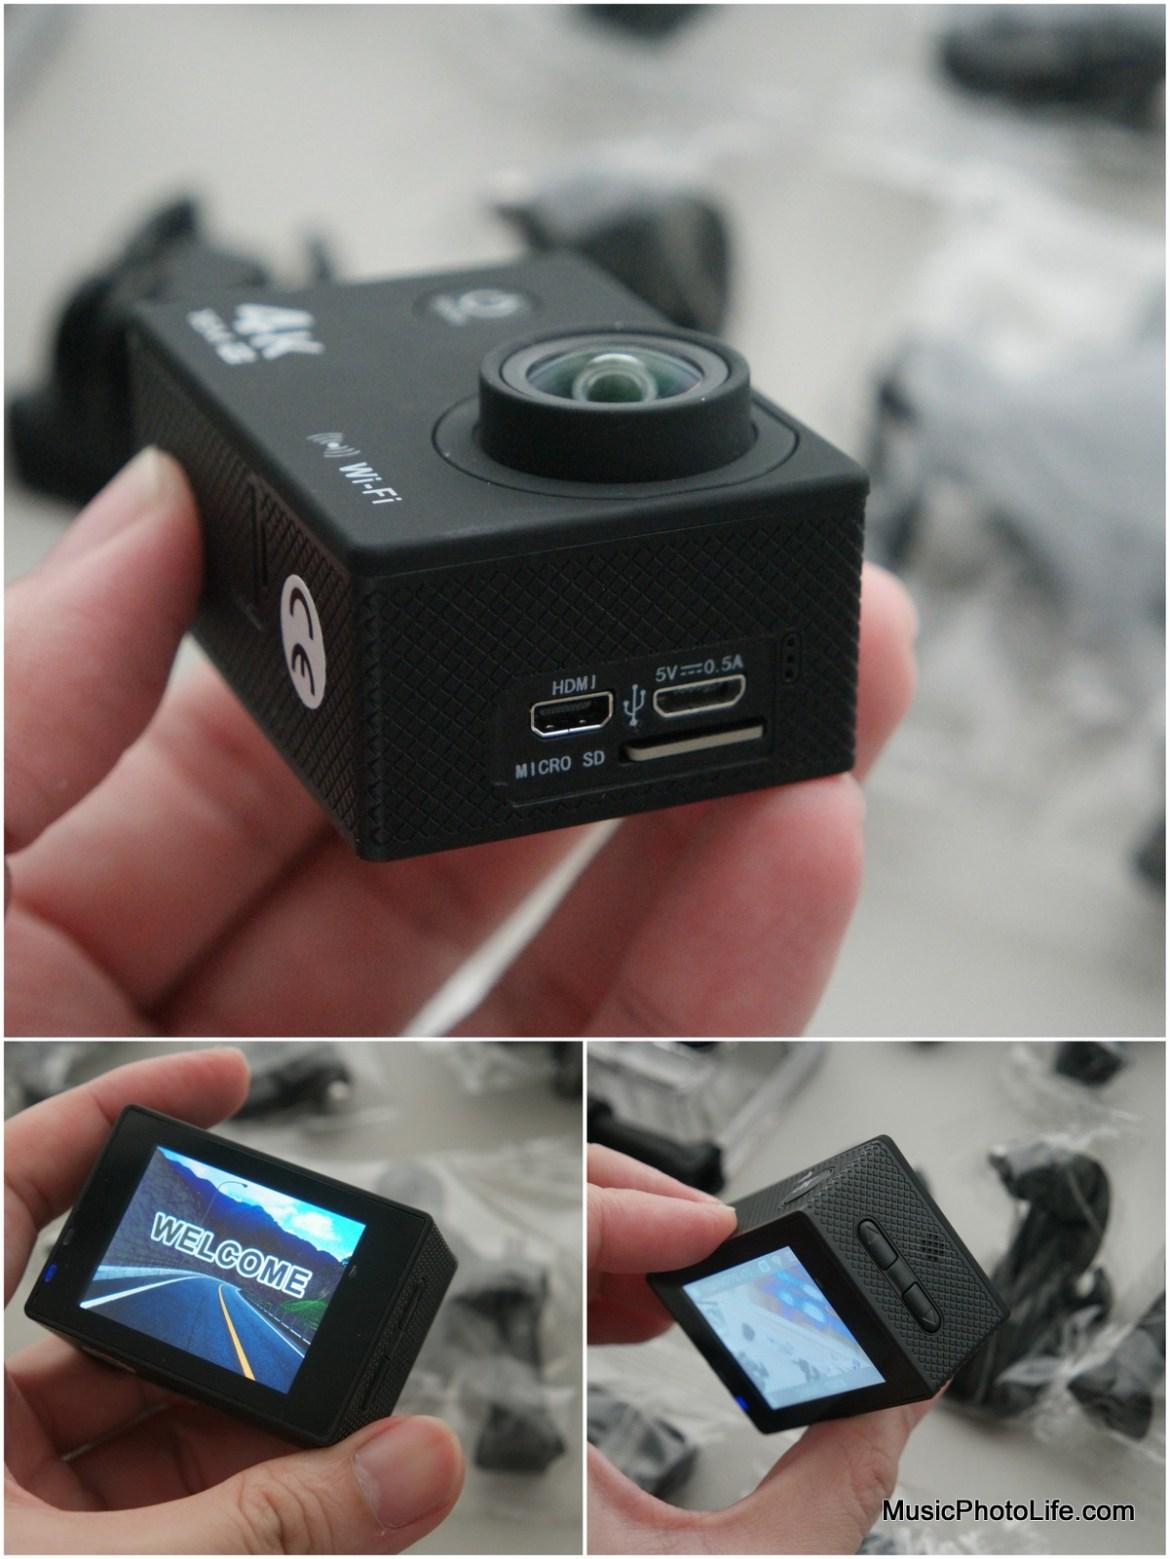 XDC V3 Sports Camera details